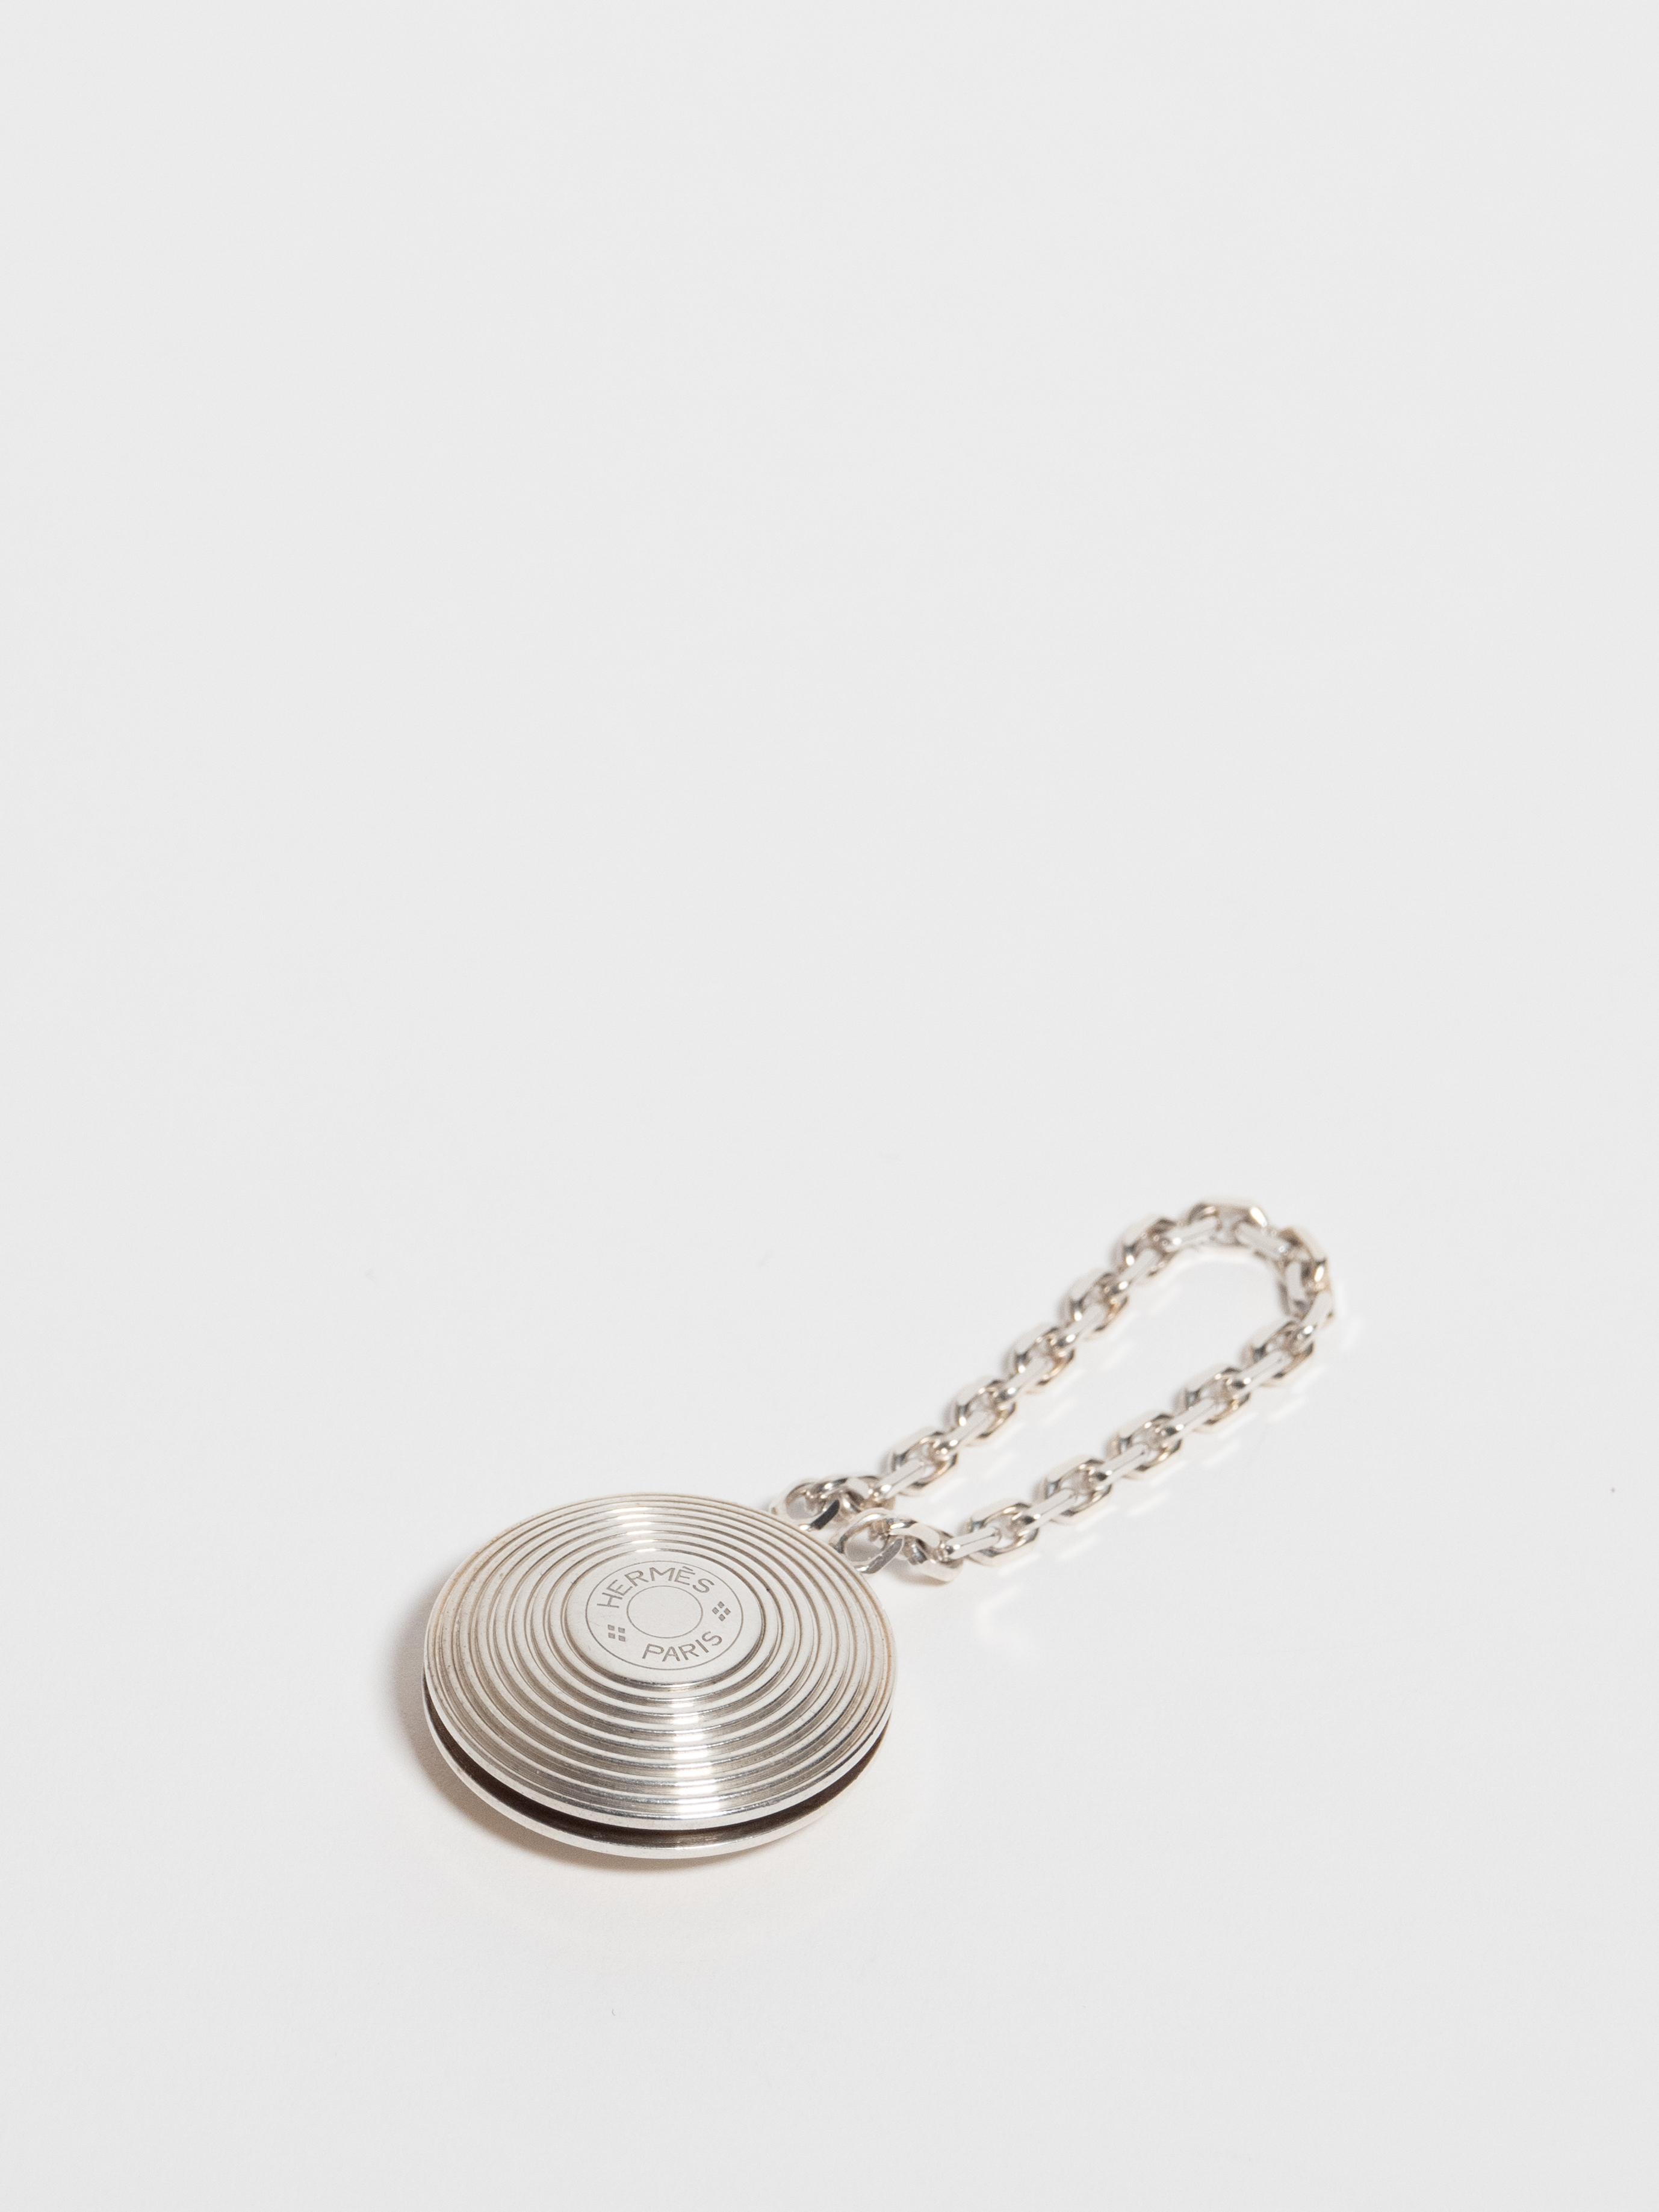 Cymbal Motif Bag Charm / Hermès